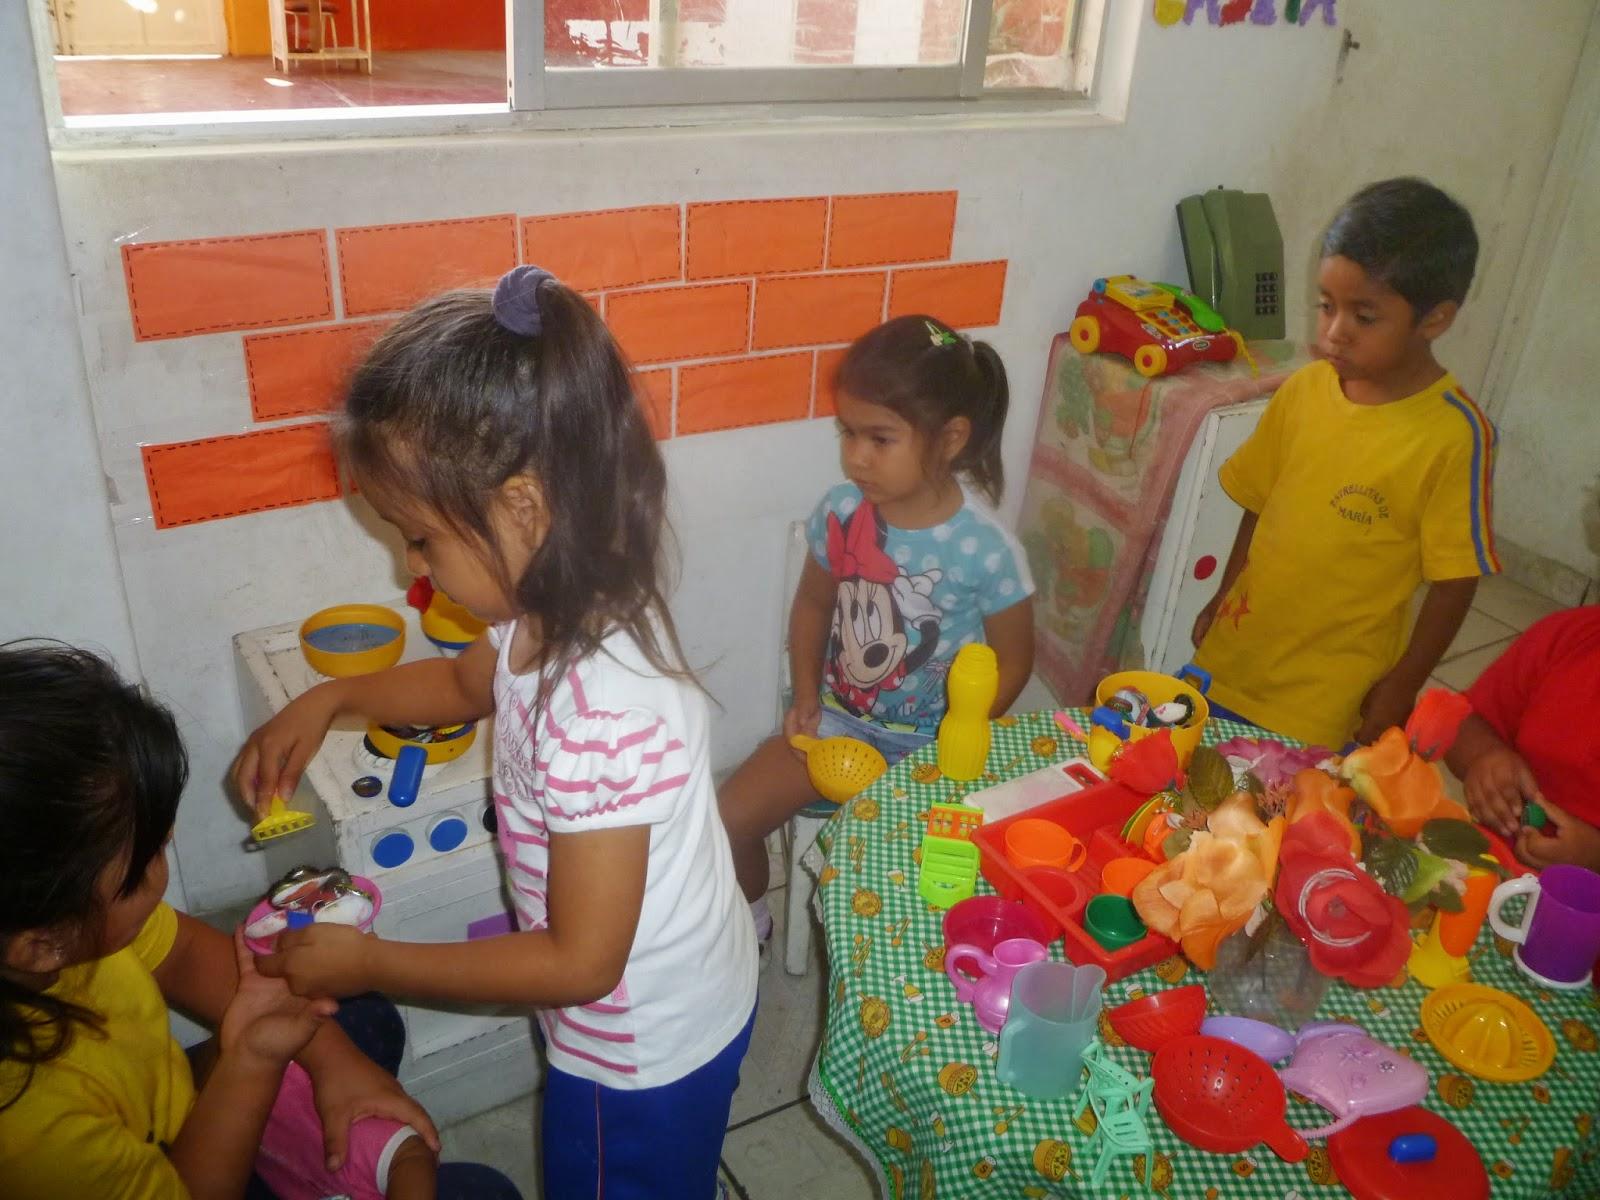 Educacion infantil ni as jugando en el sector del hogar for Que es decoracion del hogar